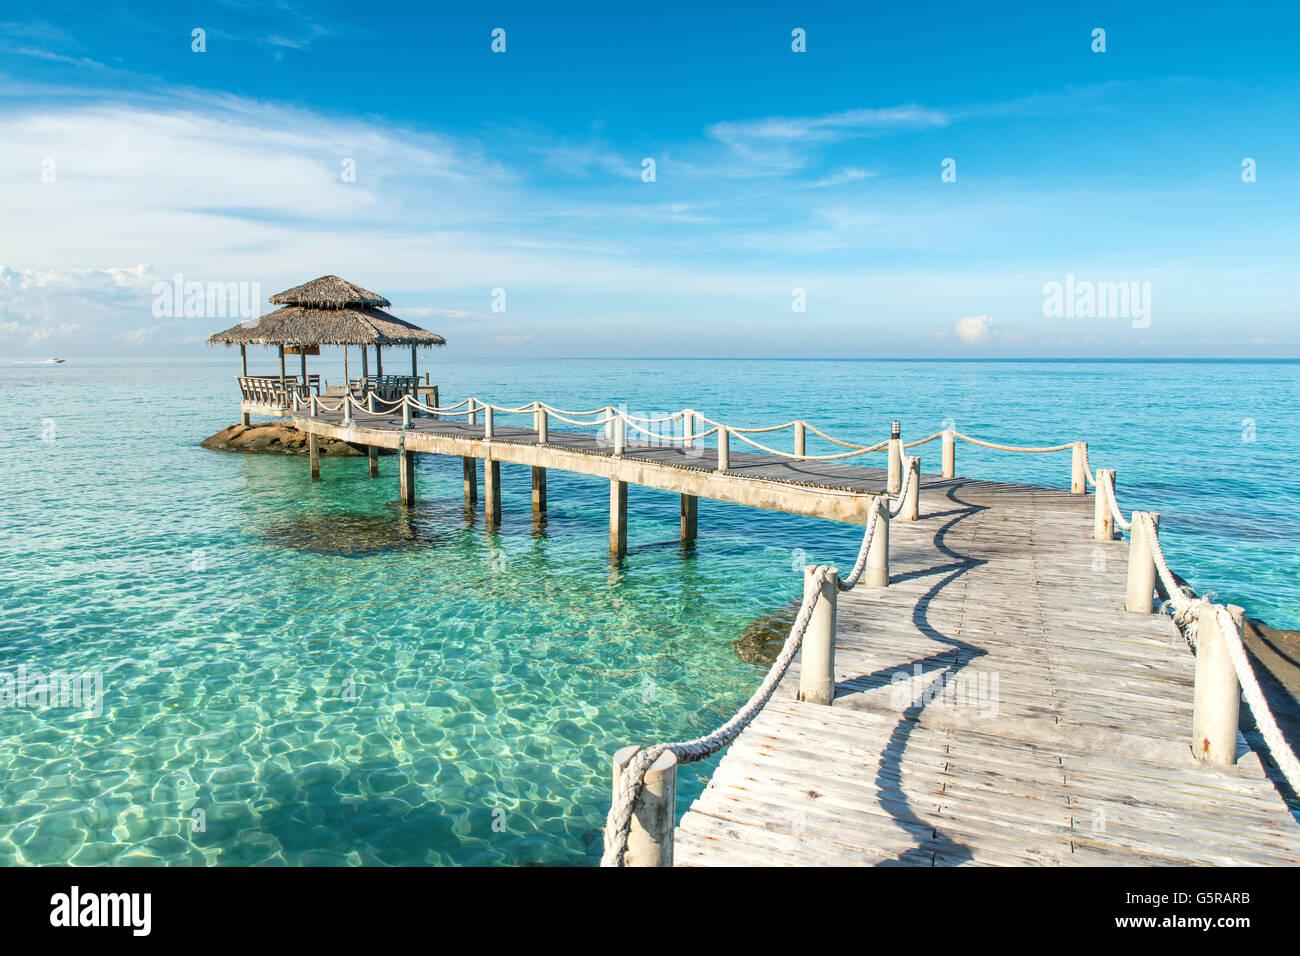 Sommer, Reisen, Urlaub und Ferien-Konzept - Holzmole in Phuket, Thailand. Verwendung für Sommer Reisen und Stockbild